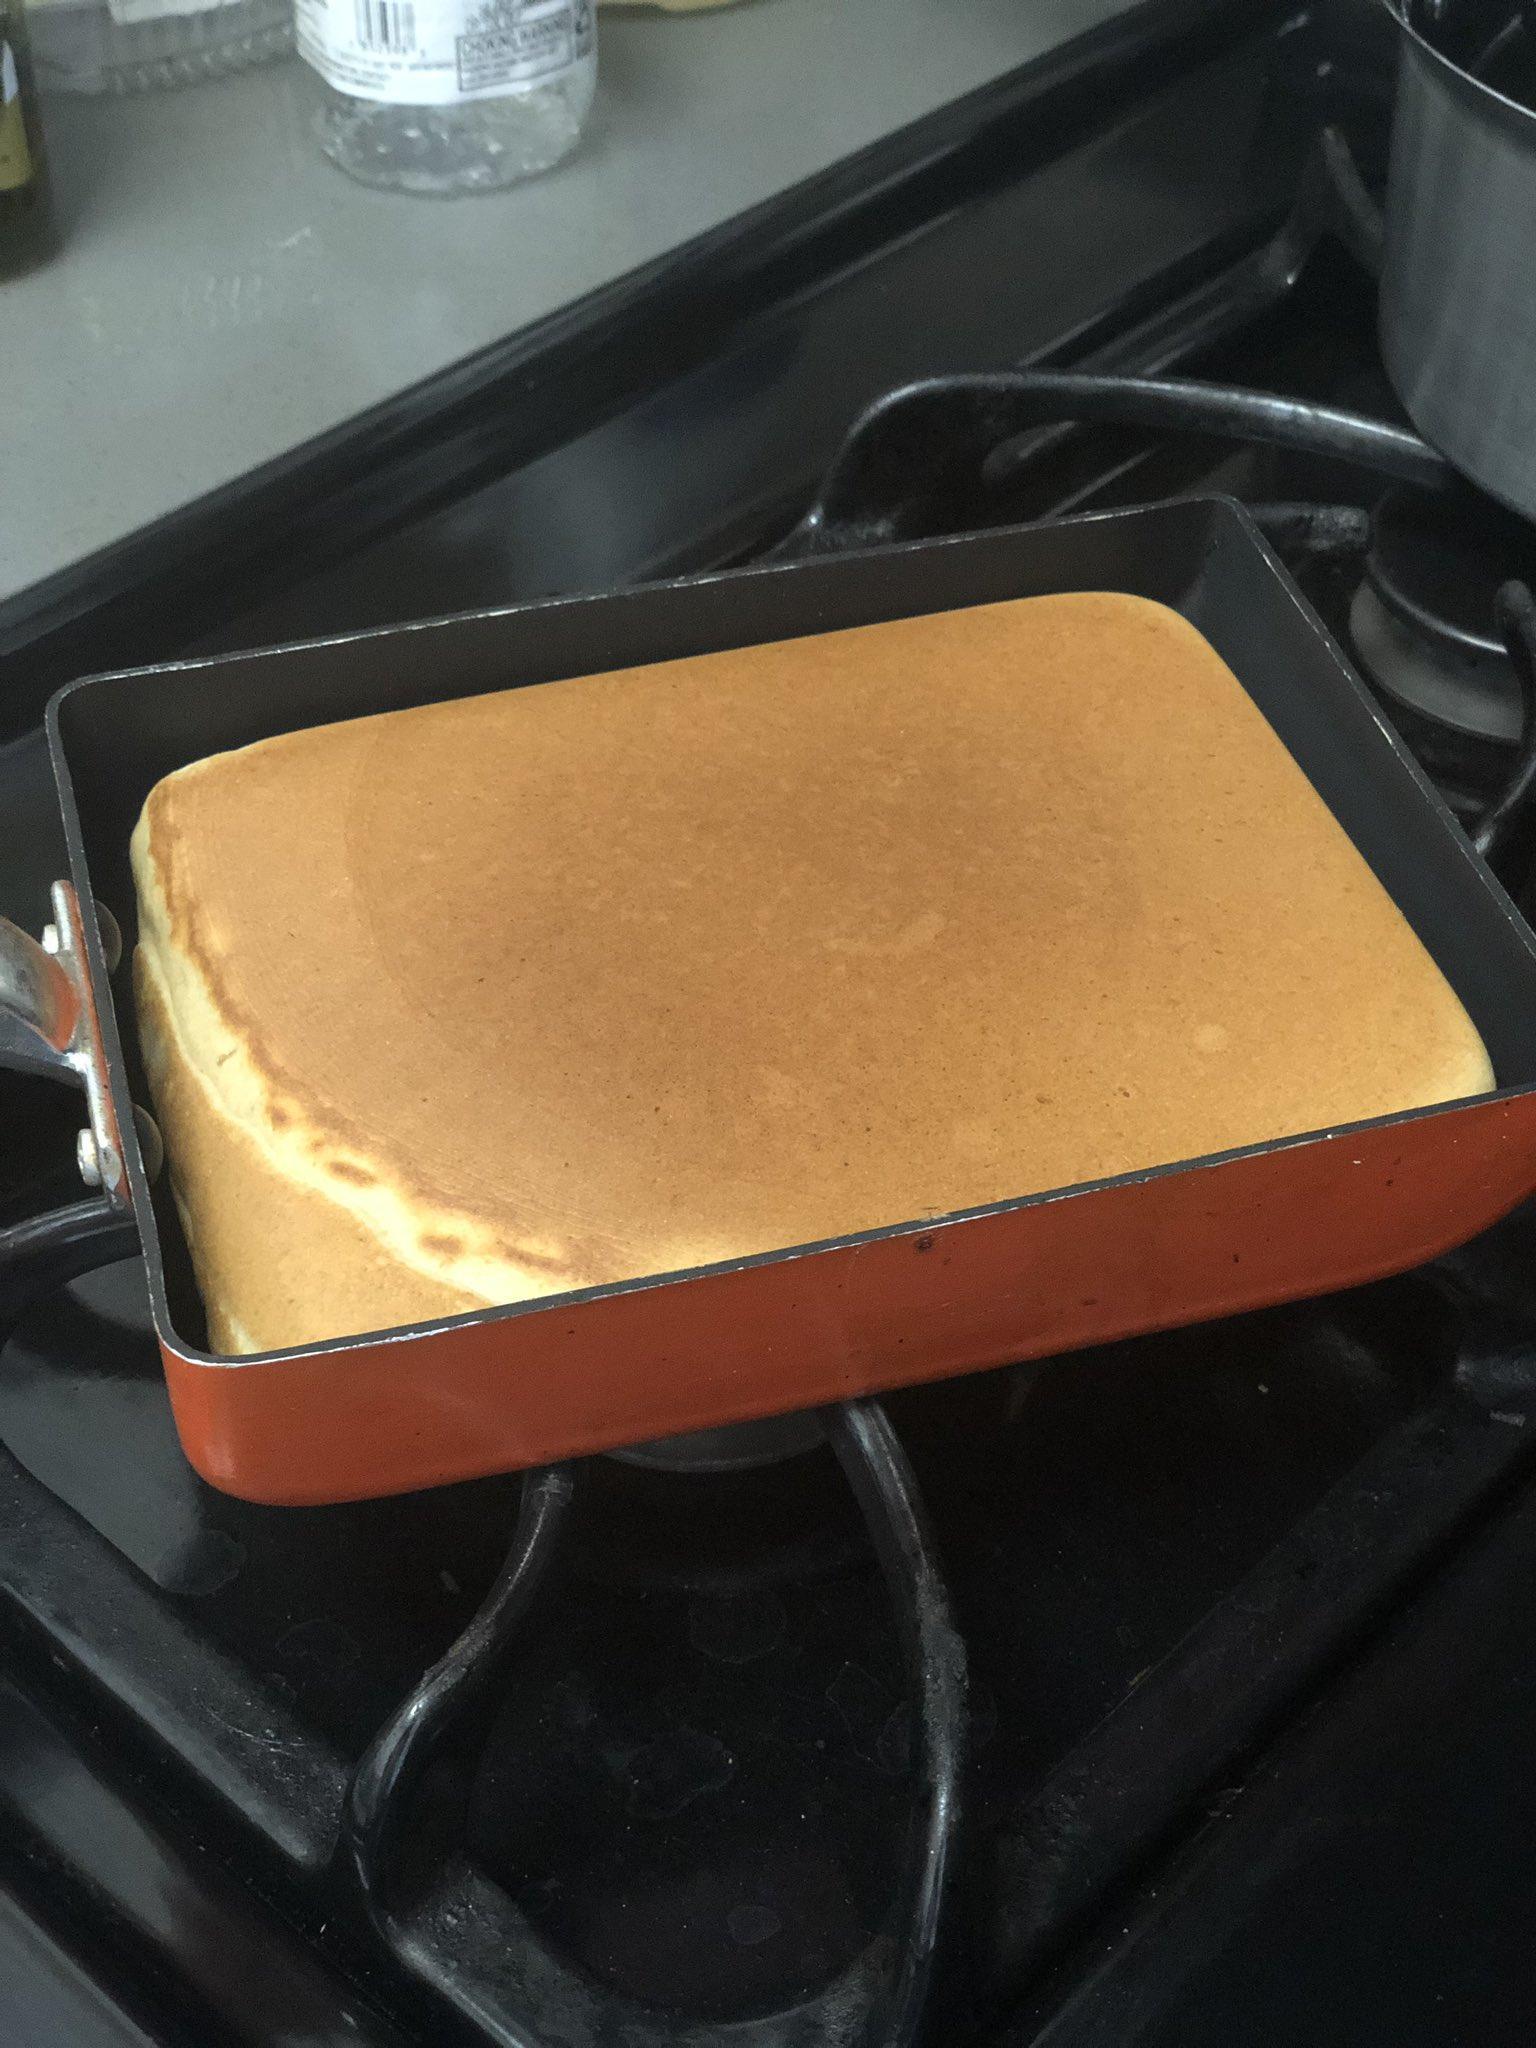 なるほど!お子様用のホットケーキはこう焼くと後々も便利!